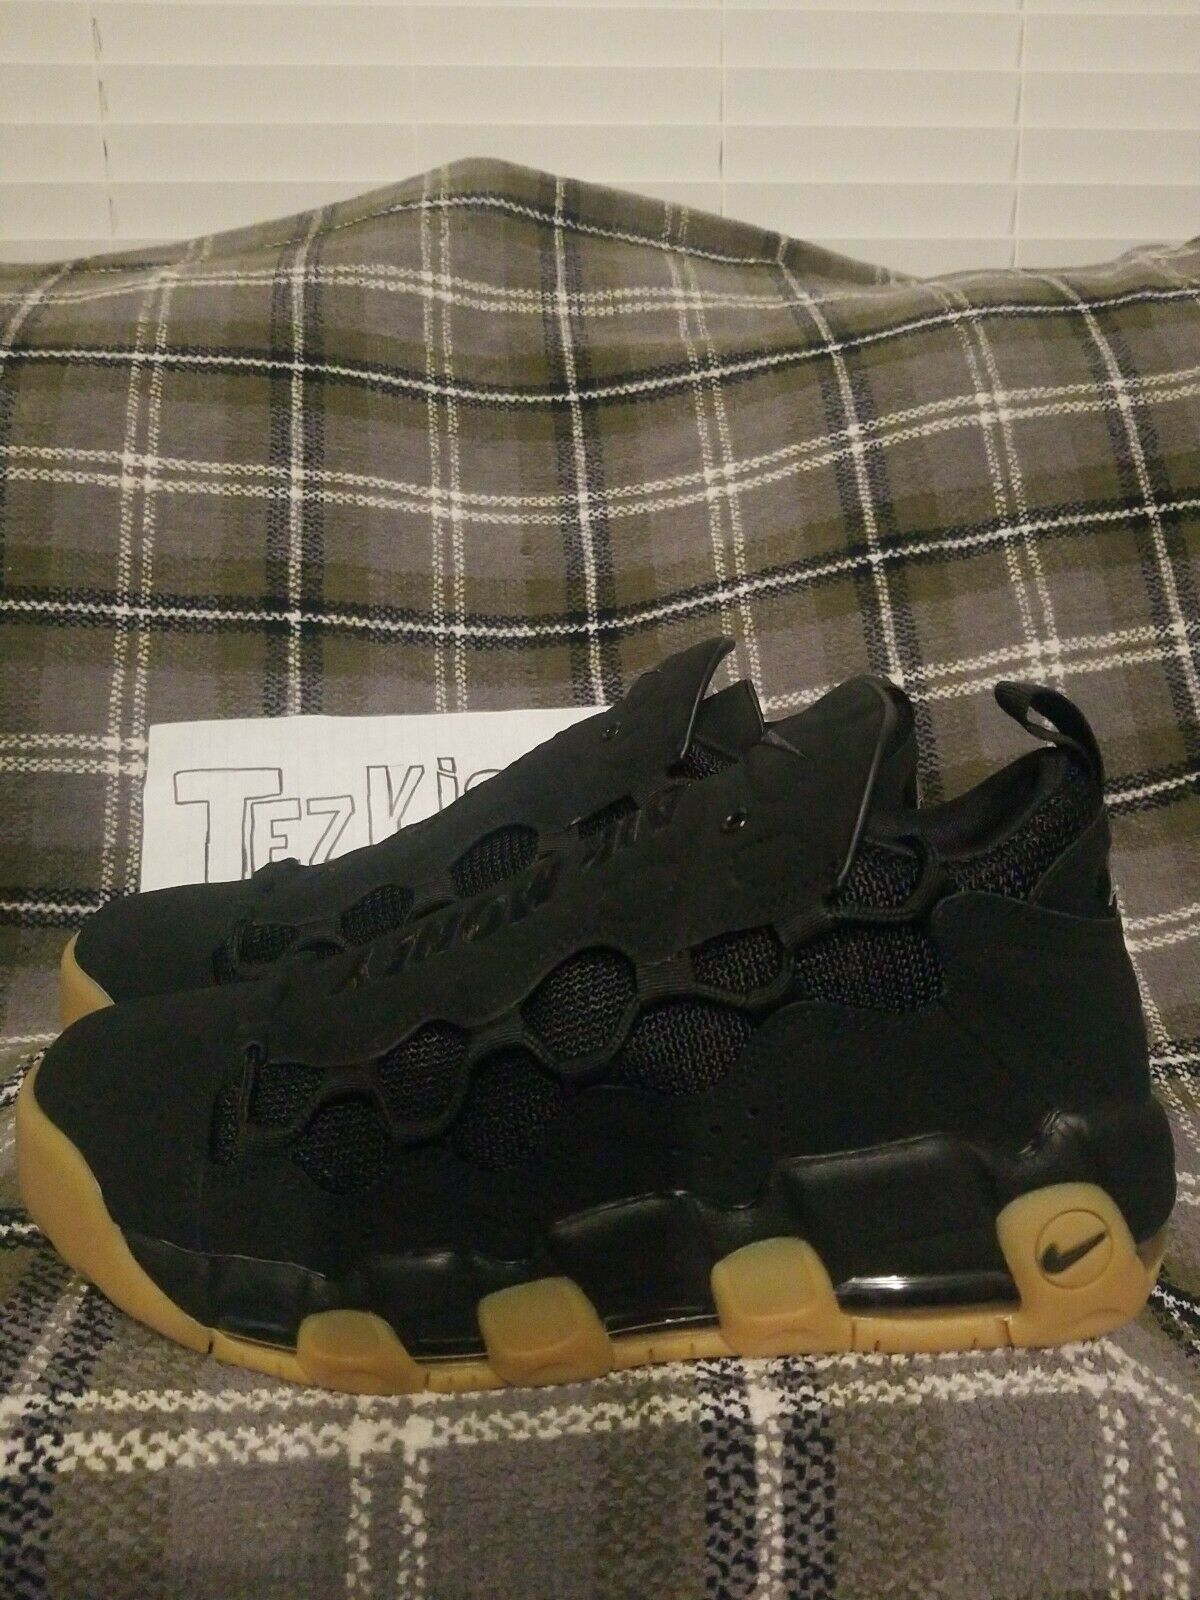 NIKE más dinegro UPTEMPO Negro Goma AIR Zapatos de baloncesto (AJ2998 004) Talla 9.5